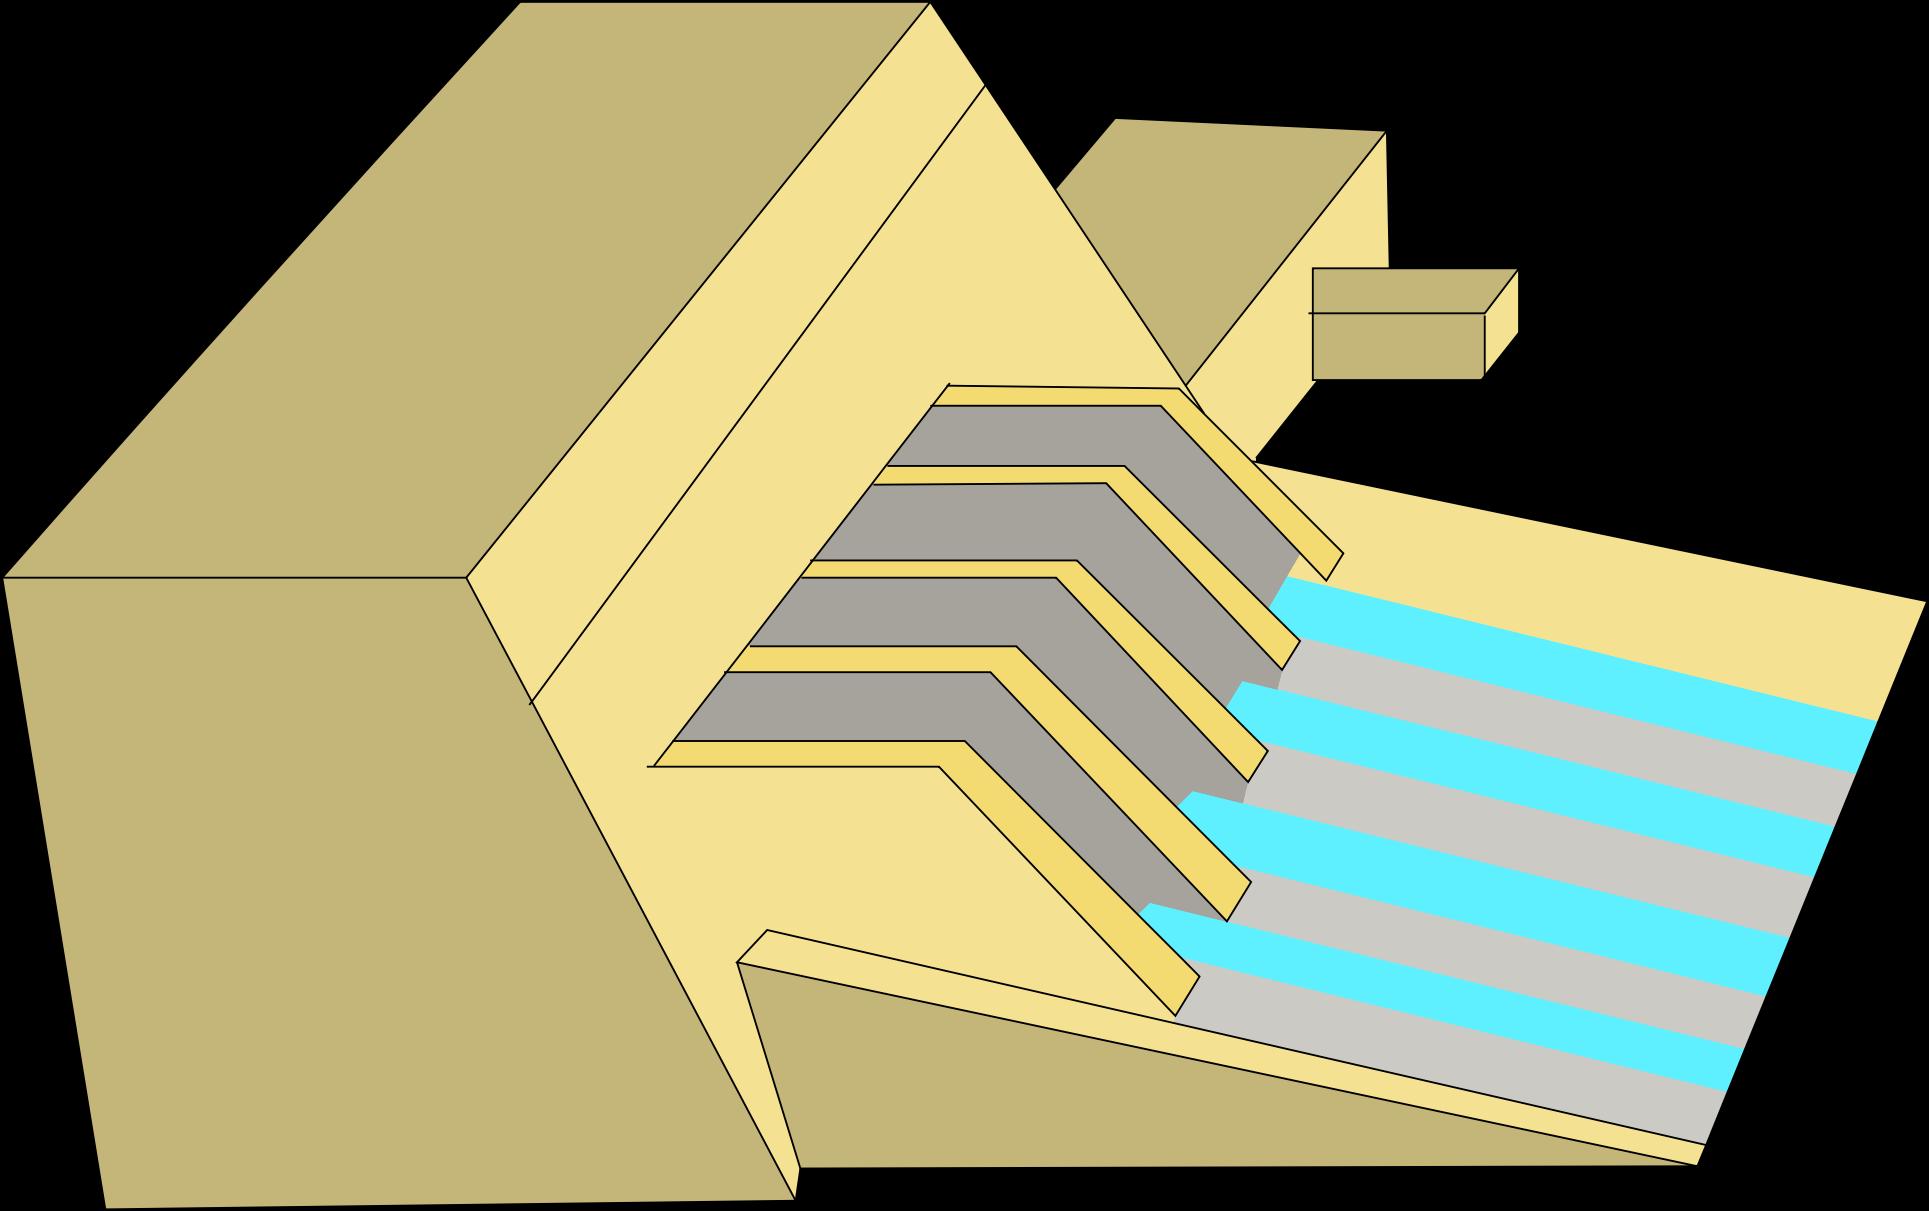 Clipart of dam.